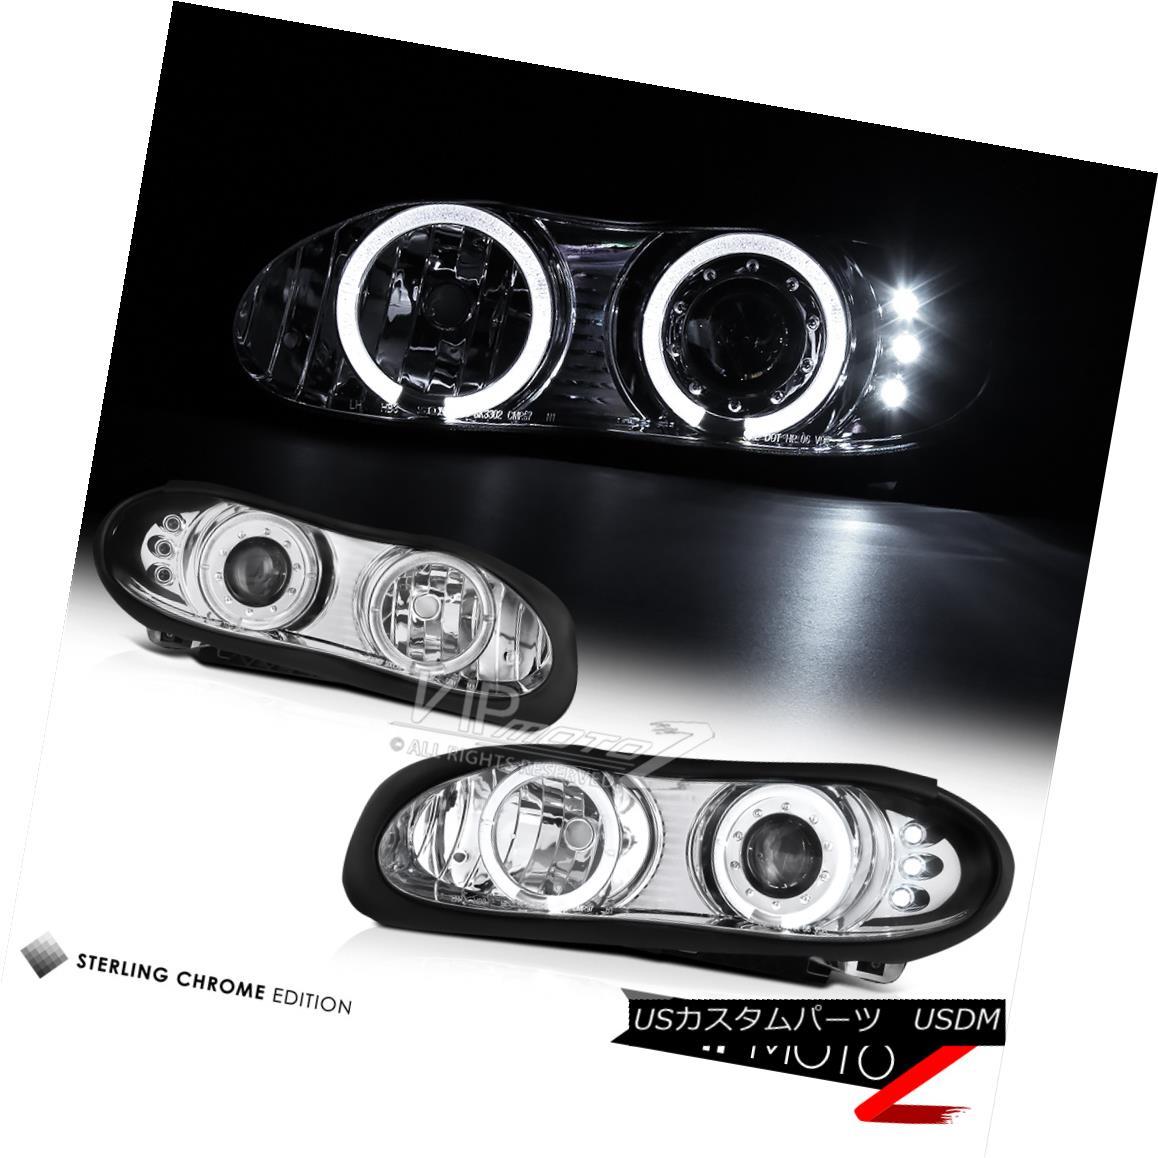 ヘッドライト 98-02 CHEVY CAMARO Euro Dual Halo Projector LED DRL Chrome Headlights LH+RH Set 98-02 CHEVY CAMAROユーロデュアルハロープロジェクターLED DRLクロームヘッドライトLH + RHセット